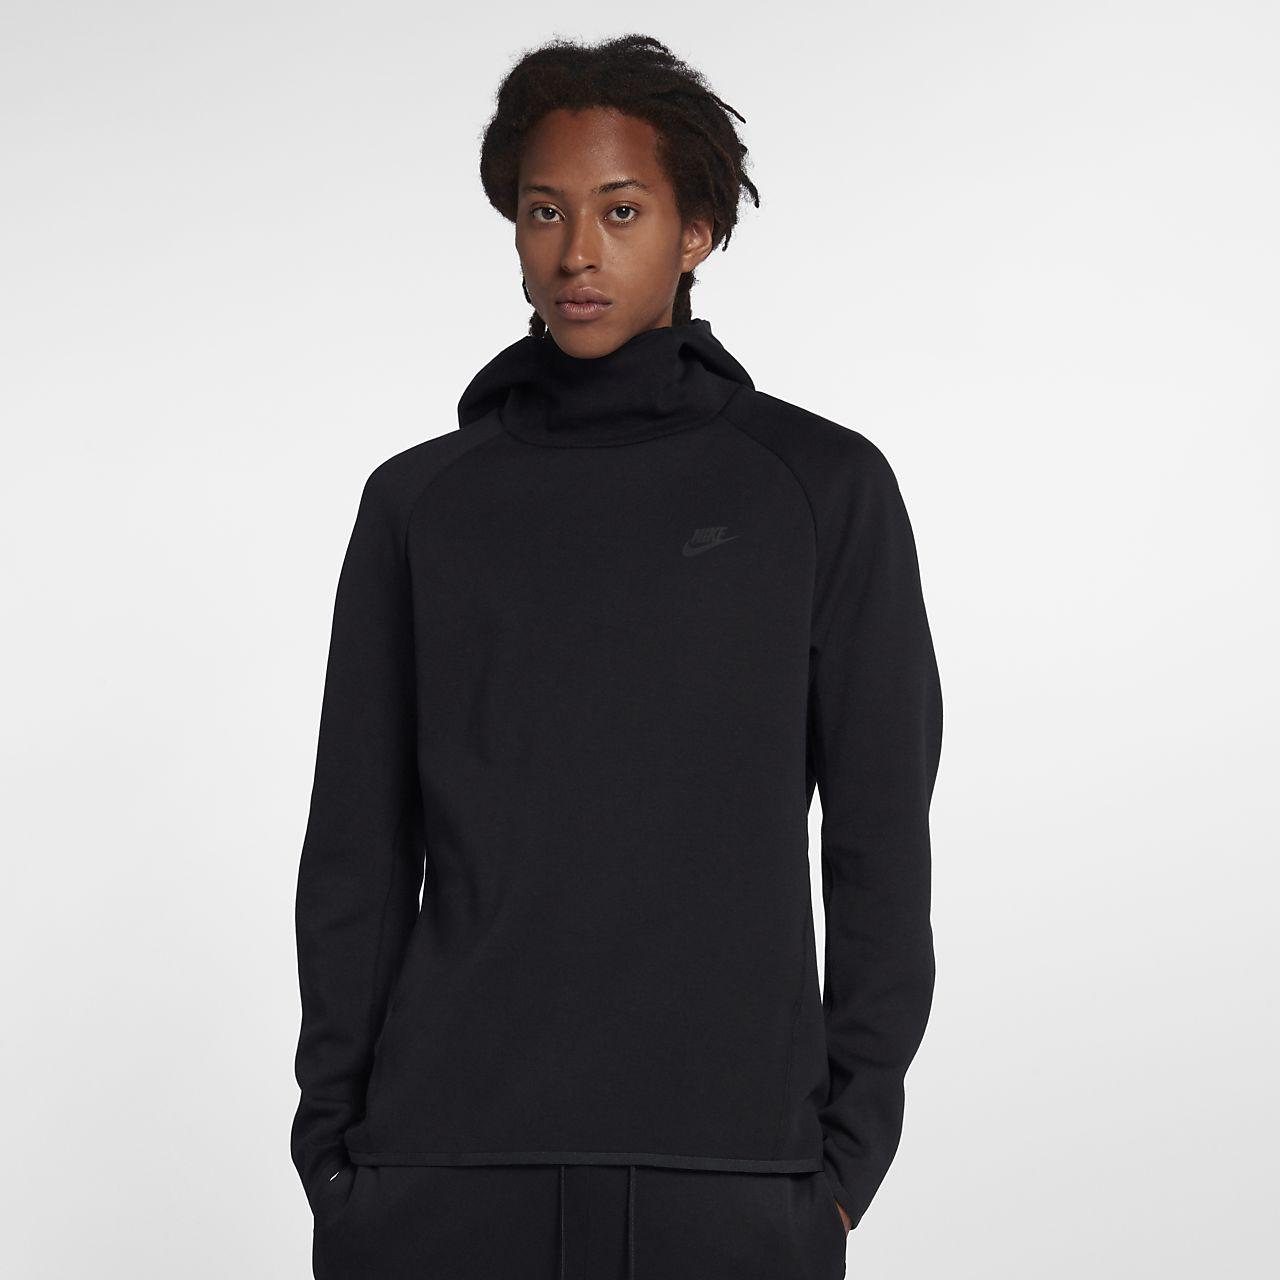 6726aab17 Nike Sportswear Tech Fleece Men's Pullover Hoodie. Nike.com GB